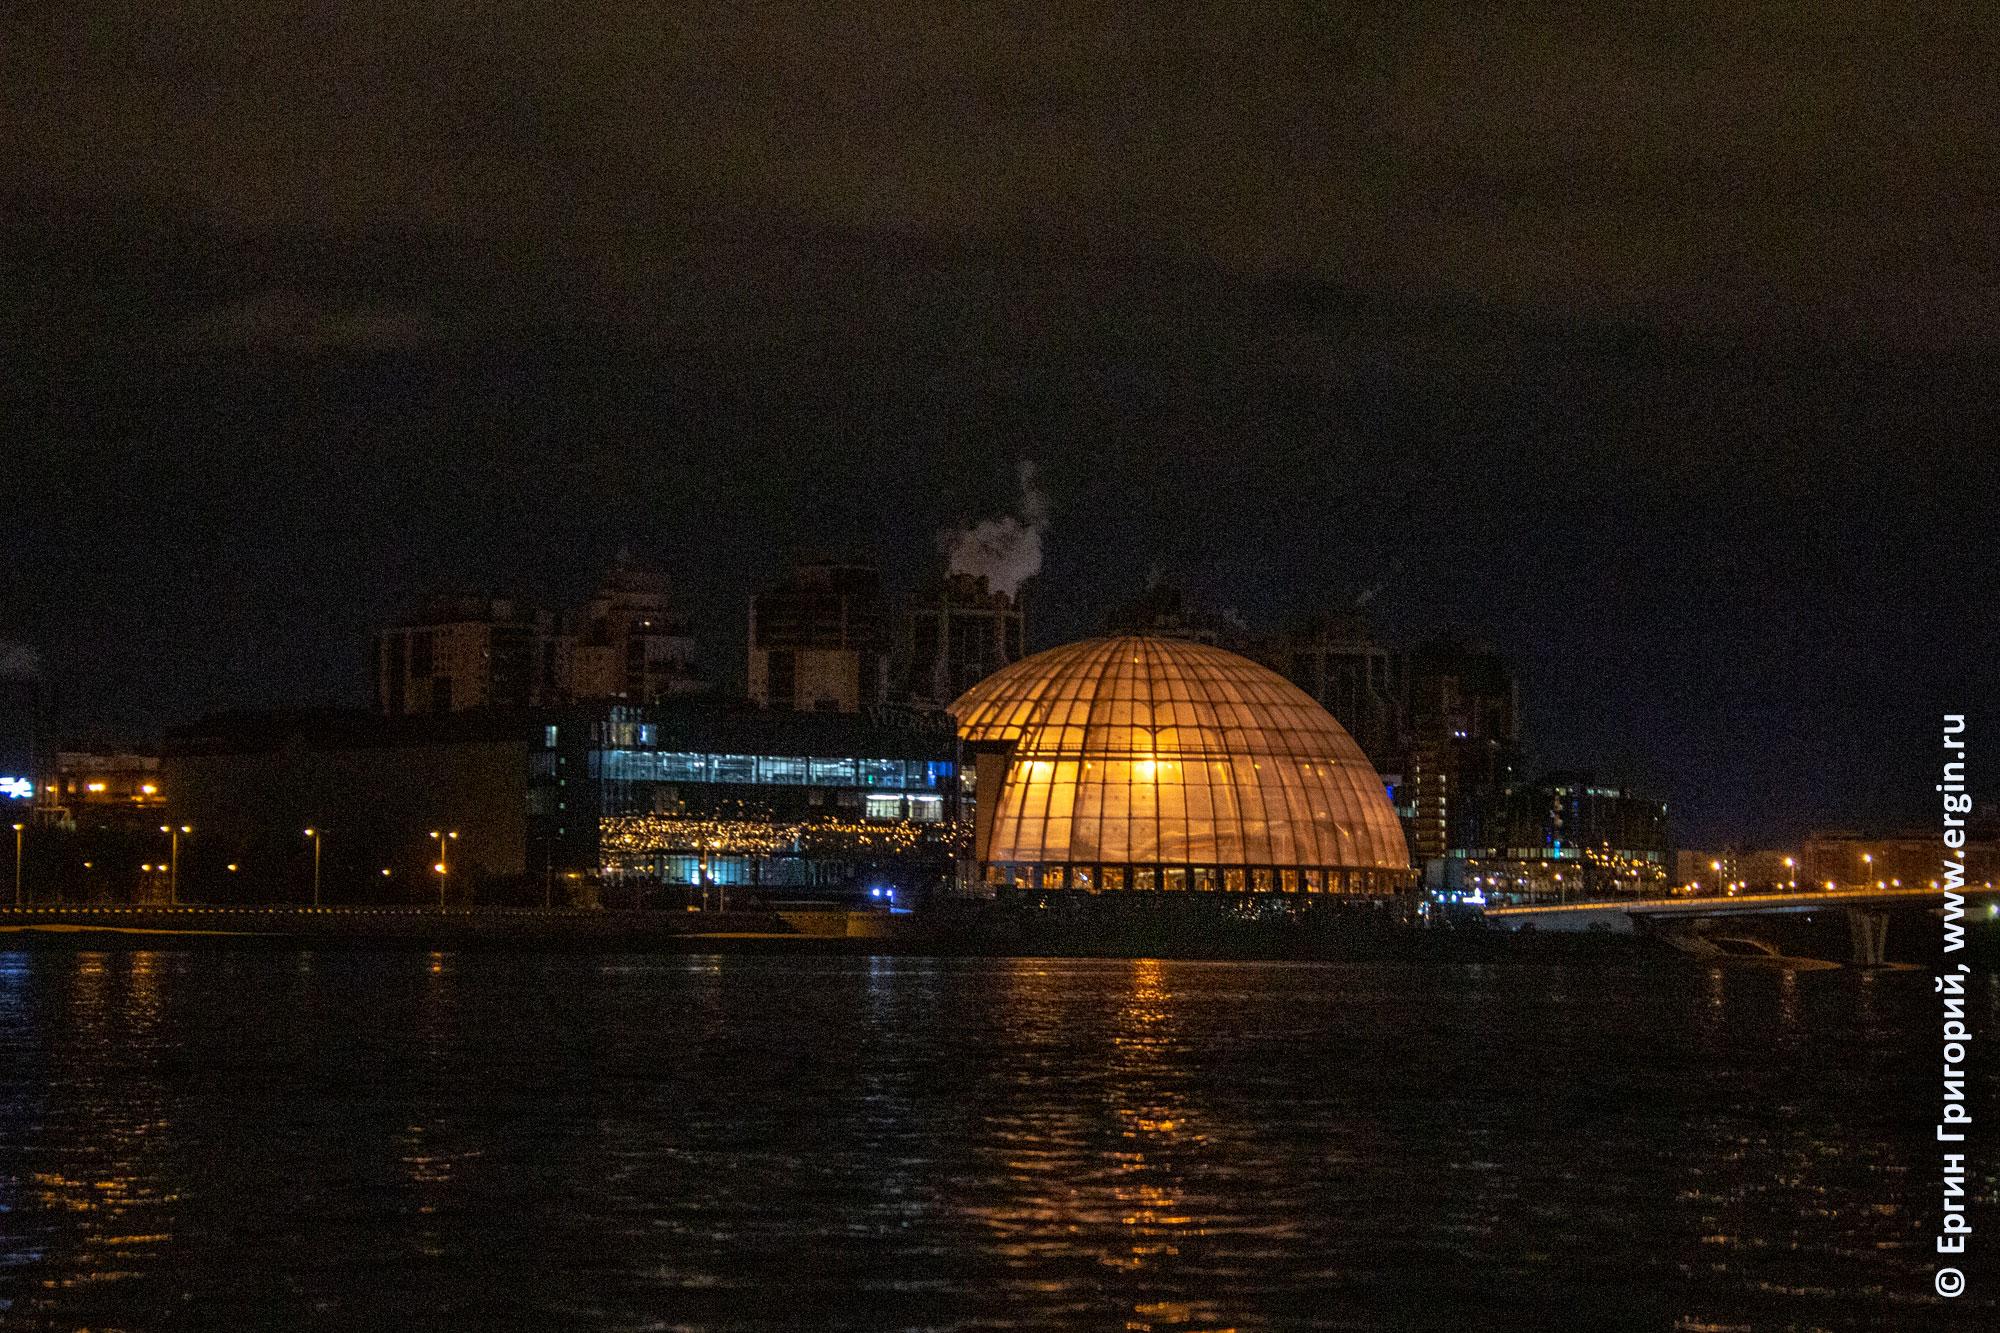 Купол аквапарка Питерлэнд ночью СПб